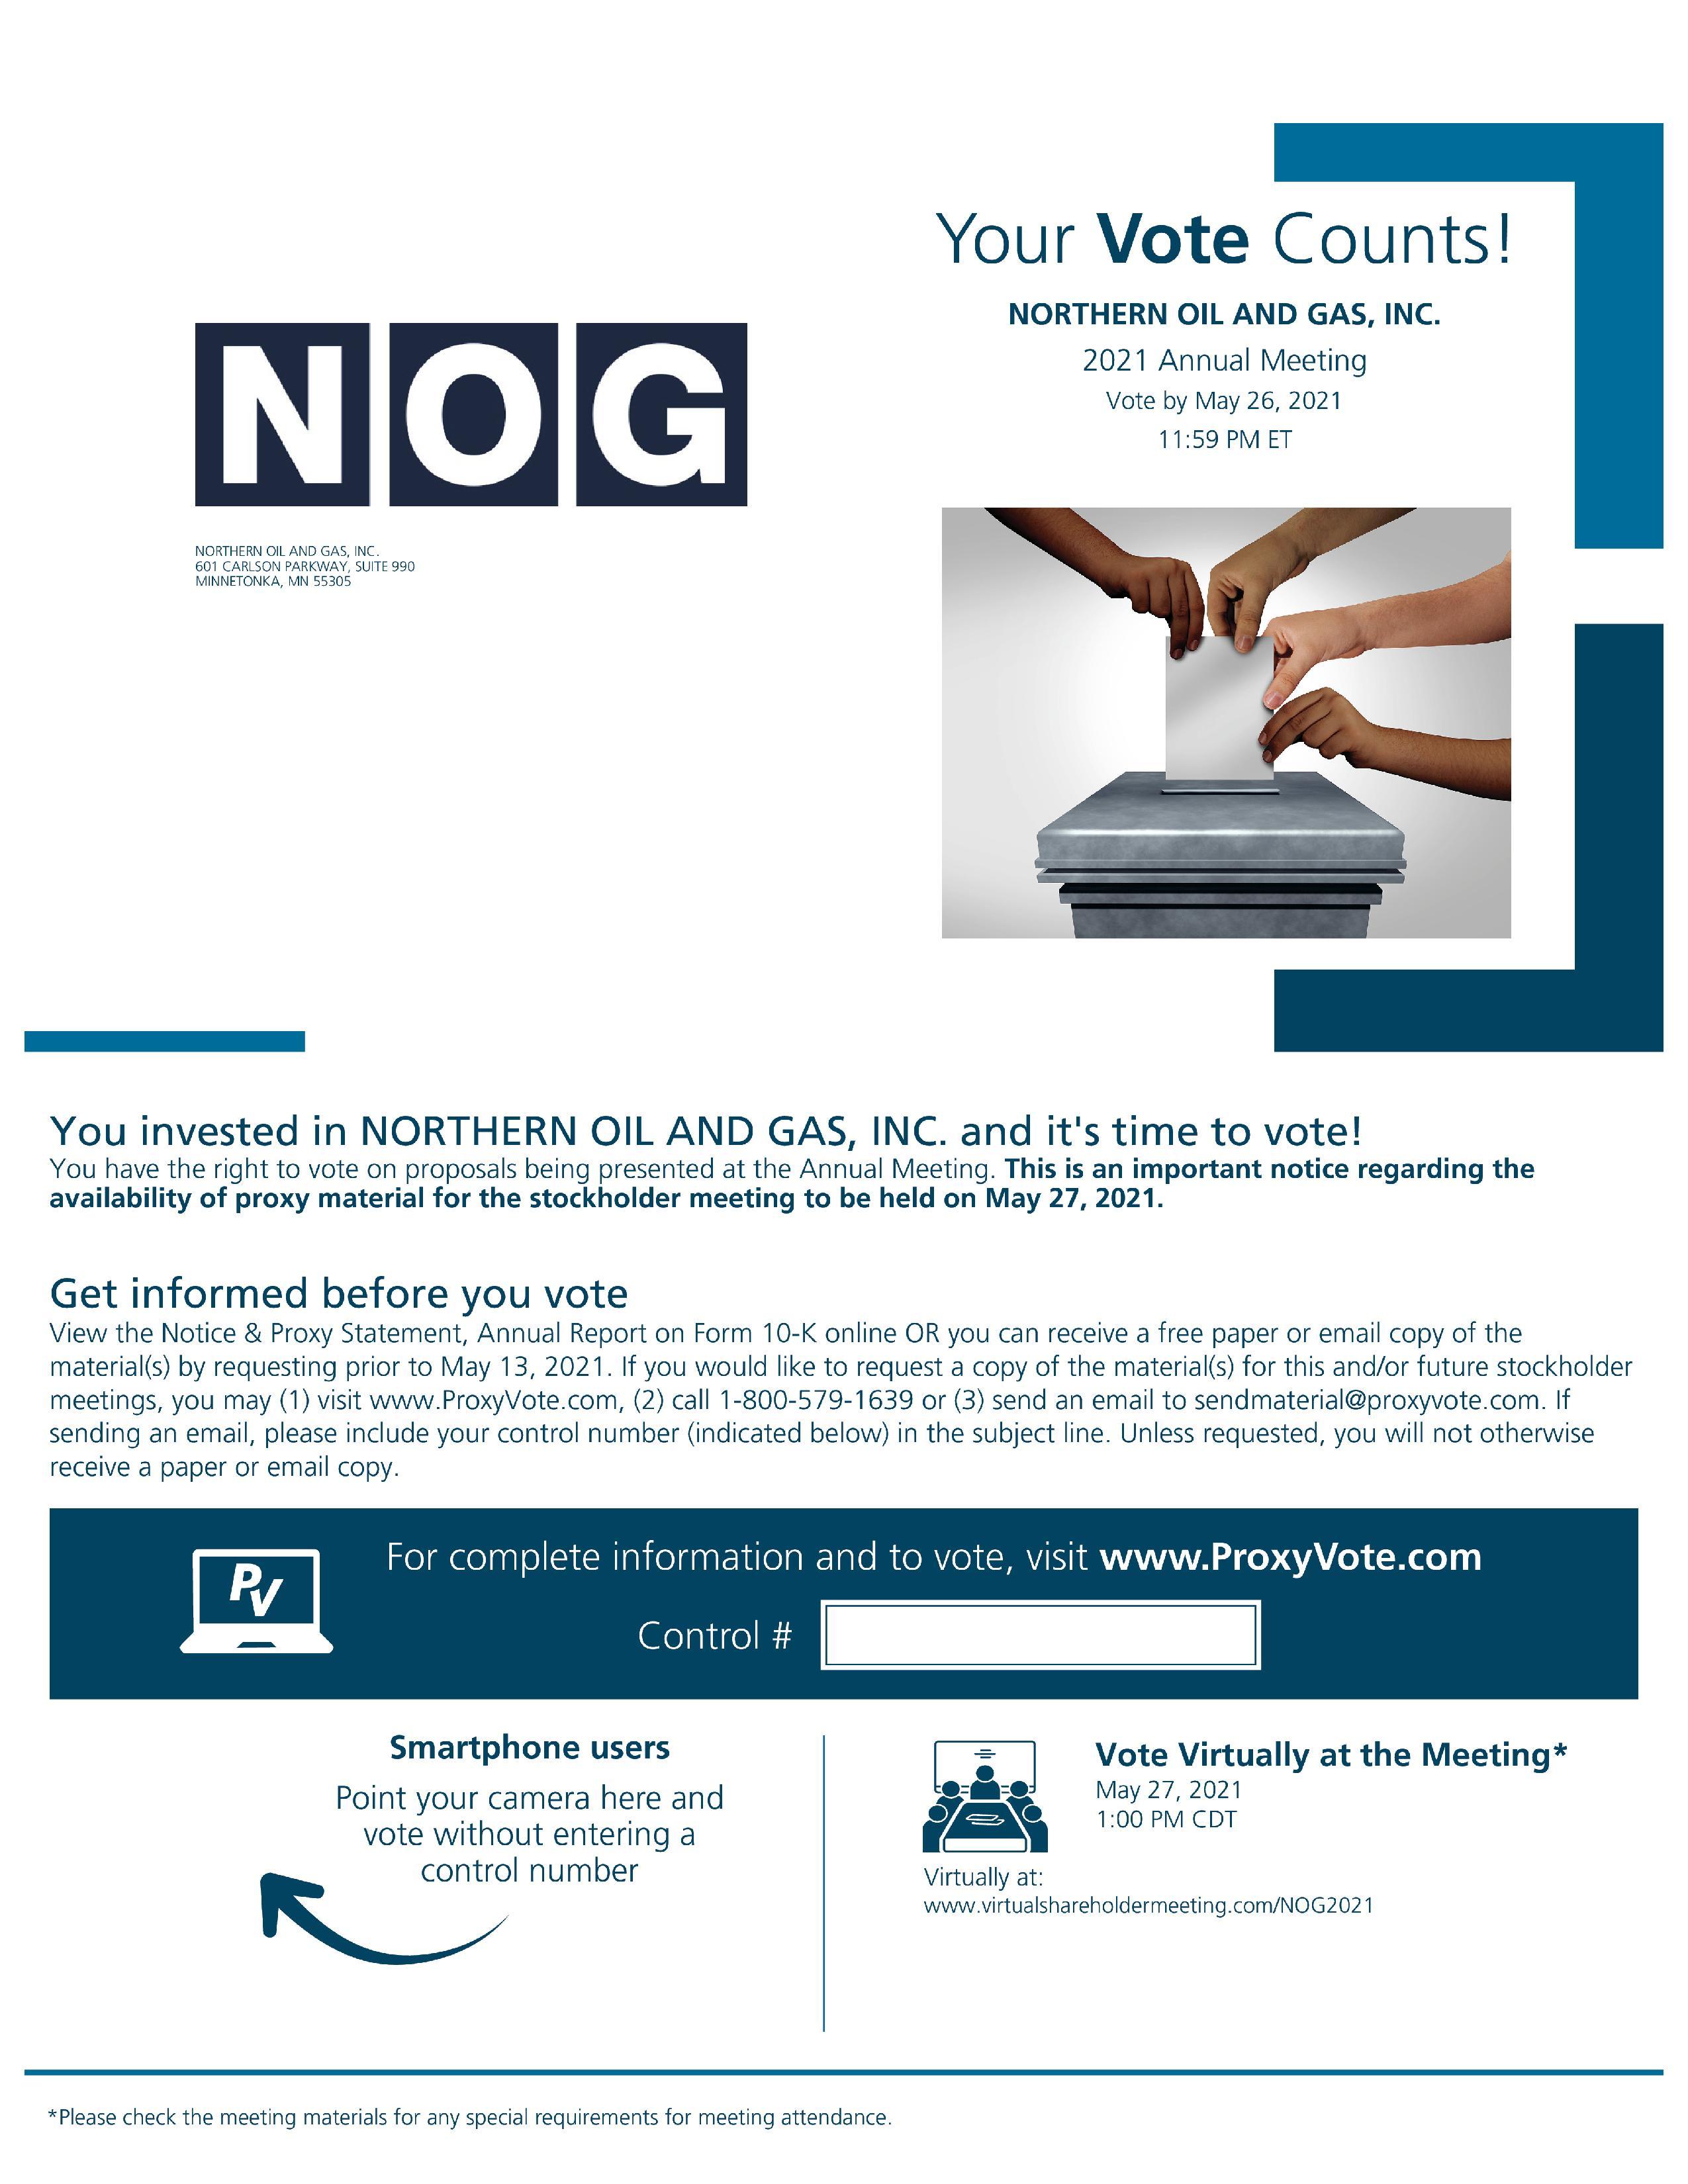 NORTHERNOILANDGASINC54815-.JPG